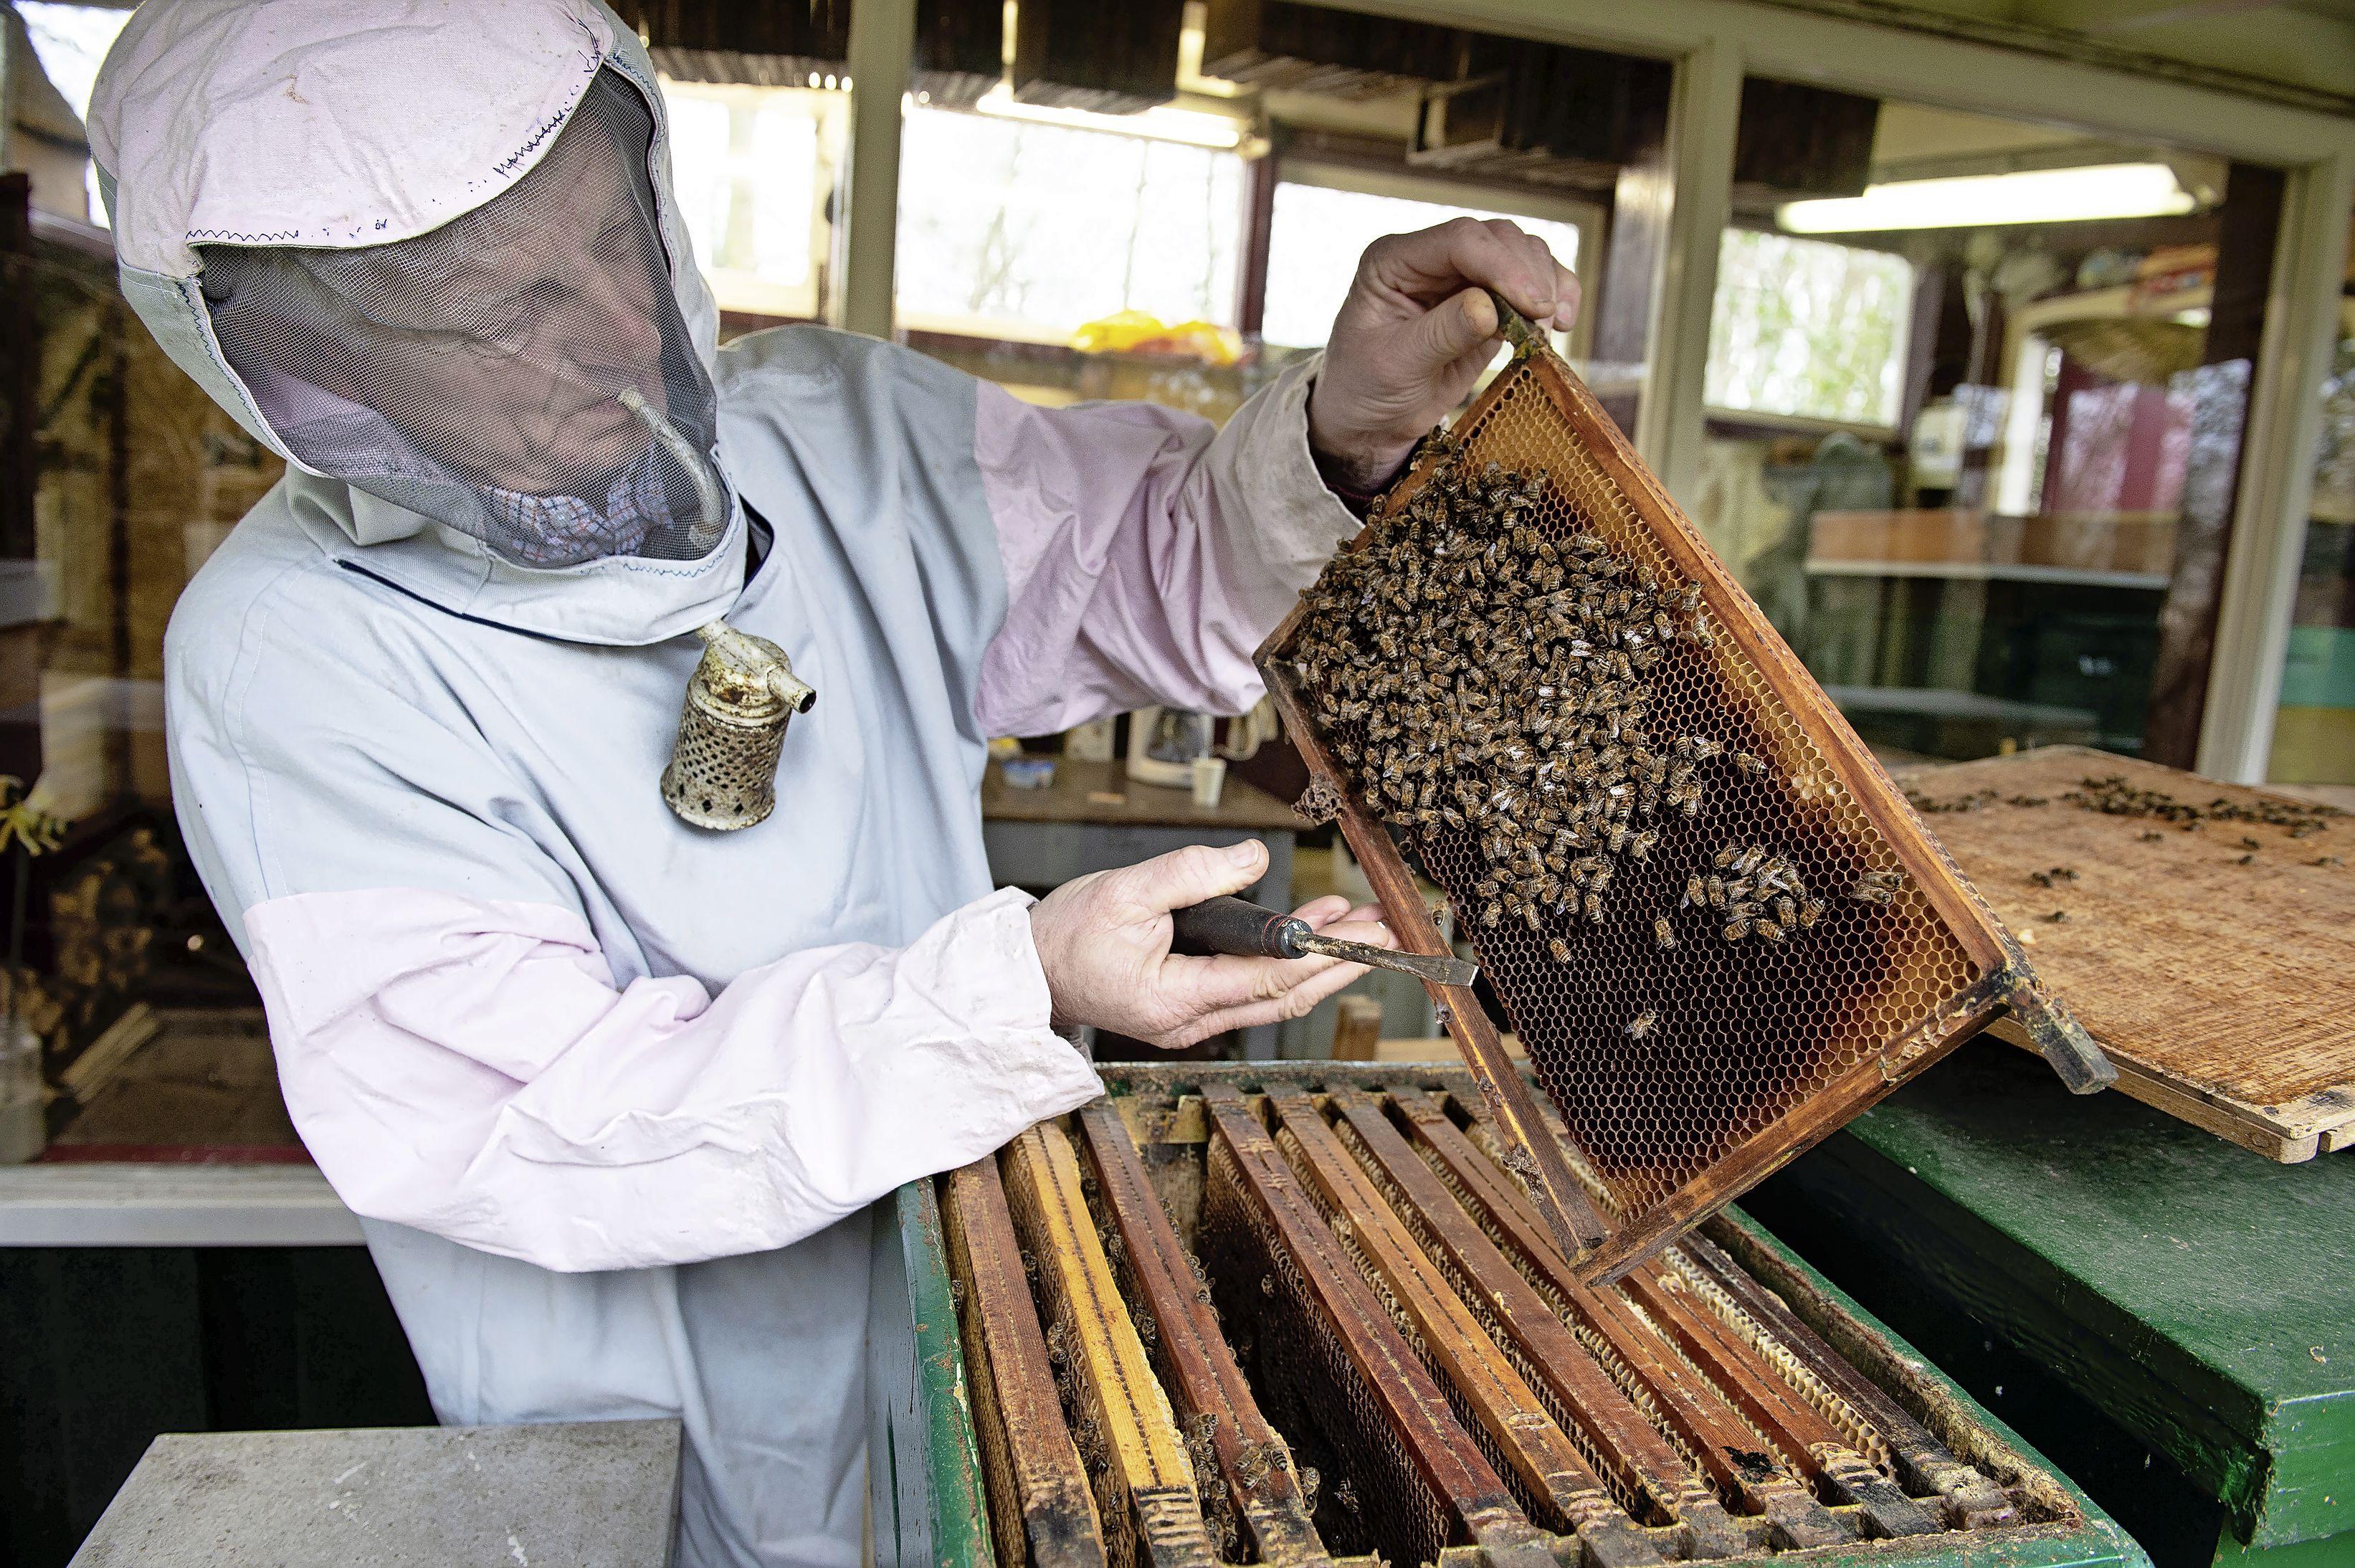 Zaanse bloemen, Zaanse bijen, Zaanse honing. Met liefde gemaakt en gekaapt: Imkers willen Zaanse herkomstbenaming voor uniek streekproduct